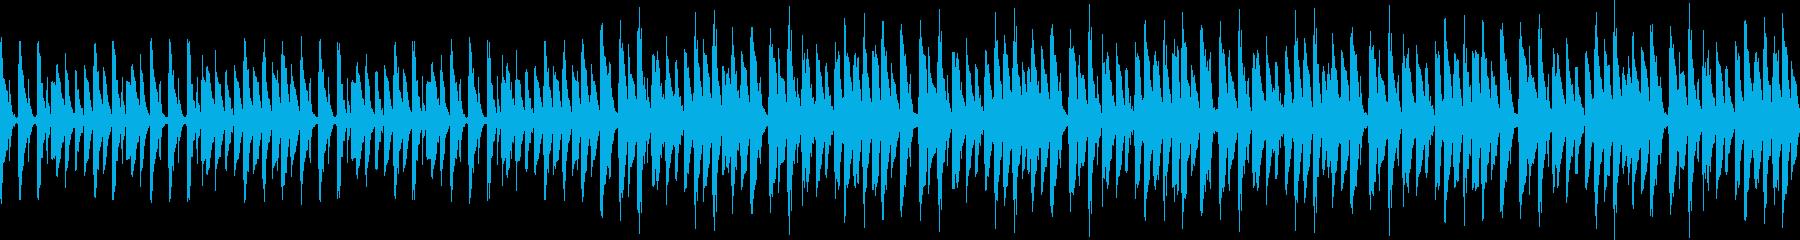 シンプルなテクノ風ループの再生済みの波形